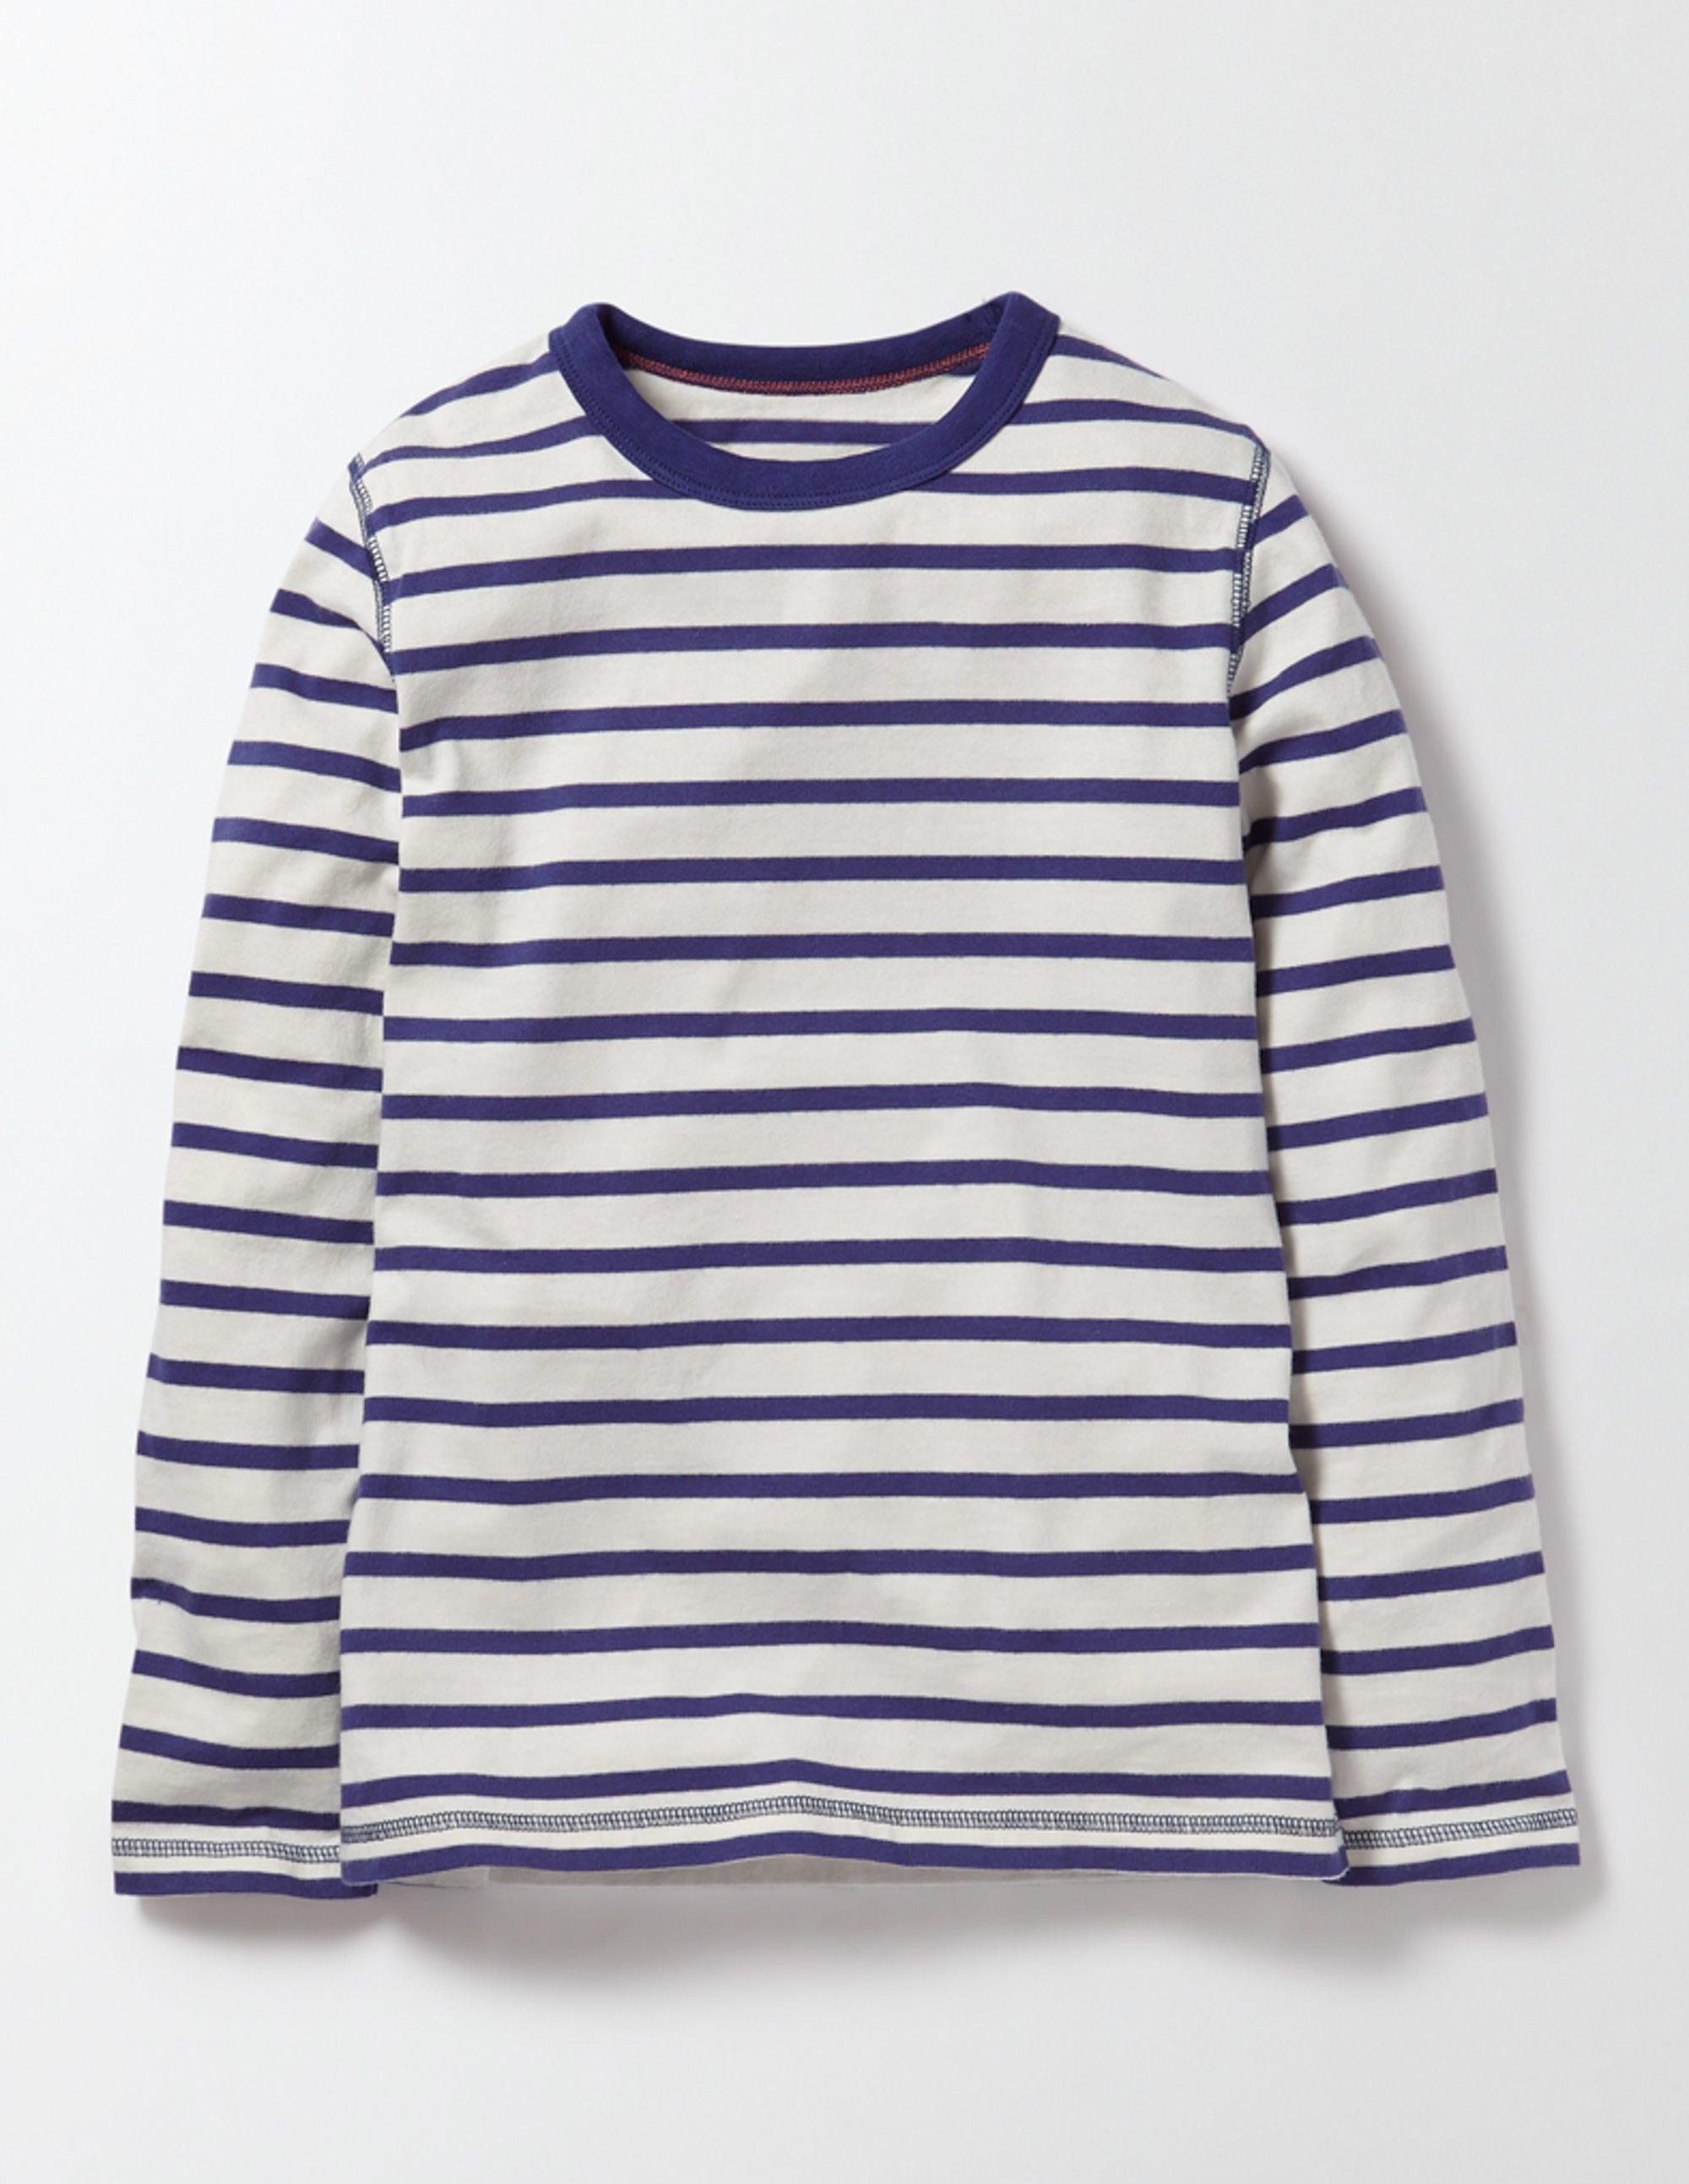 Superweiches T-Shirt Elfenbeinfarben Jungen Boden